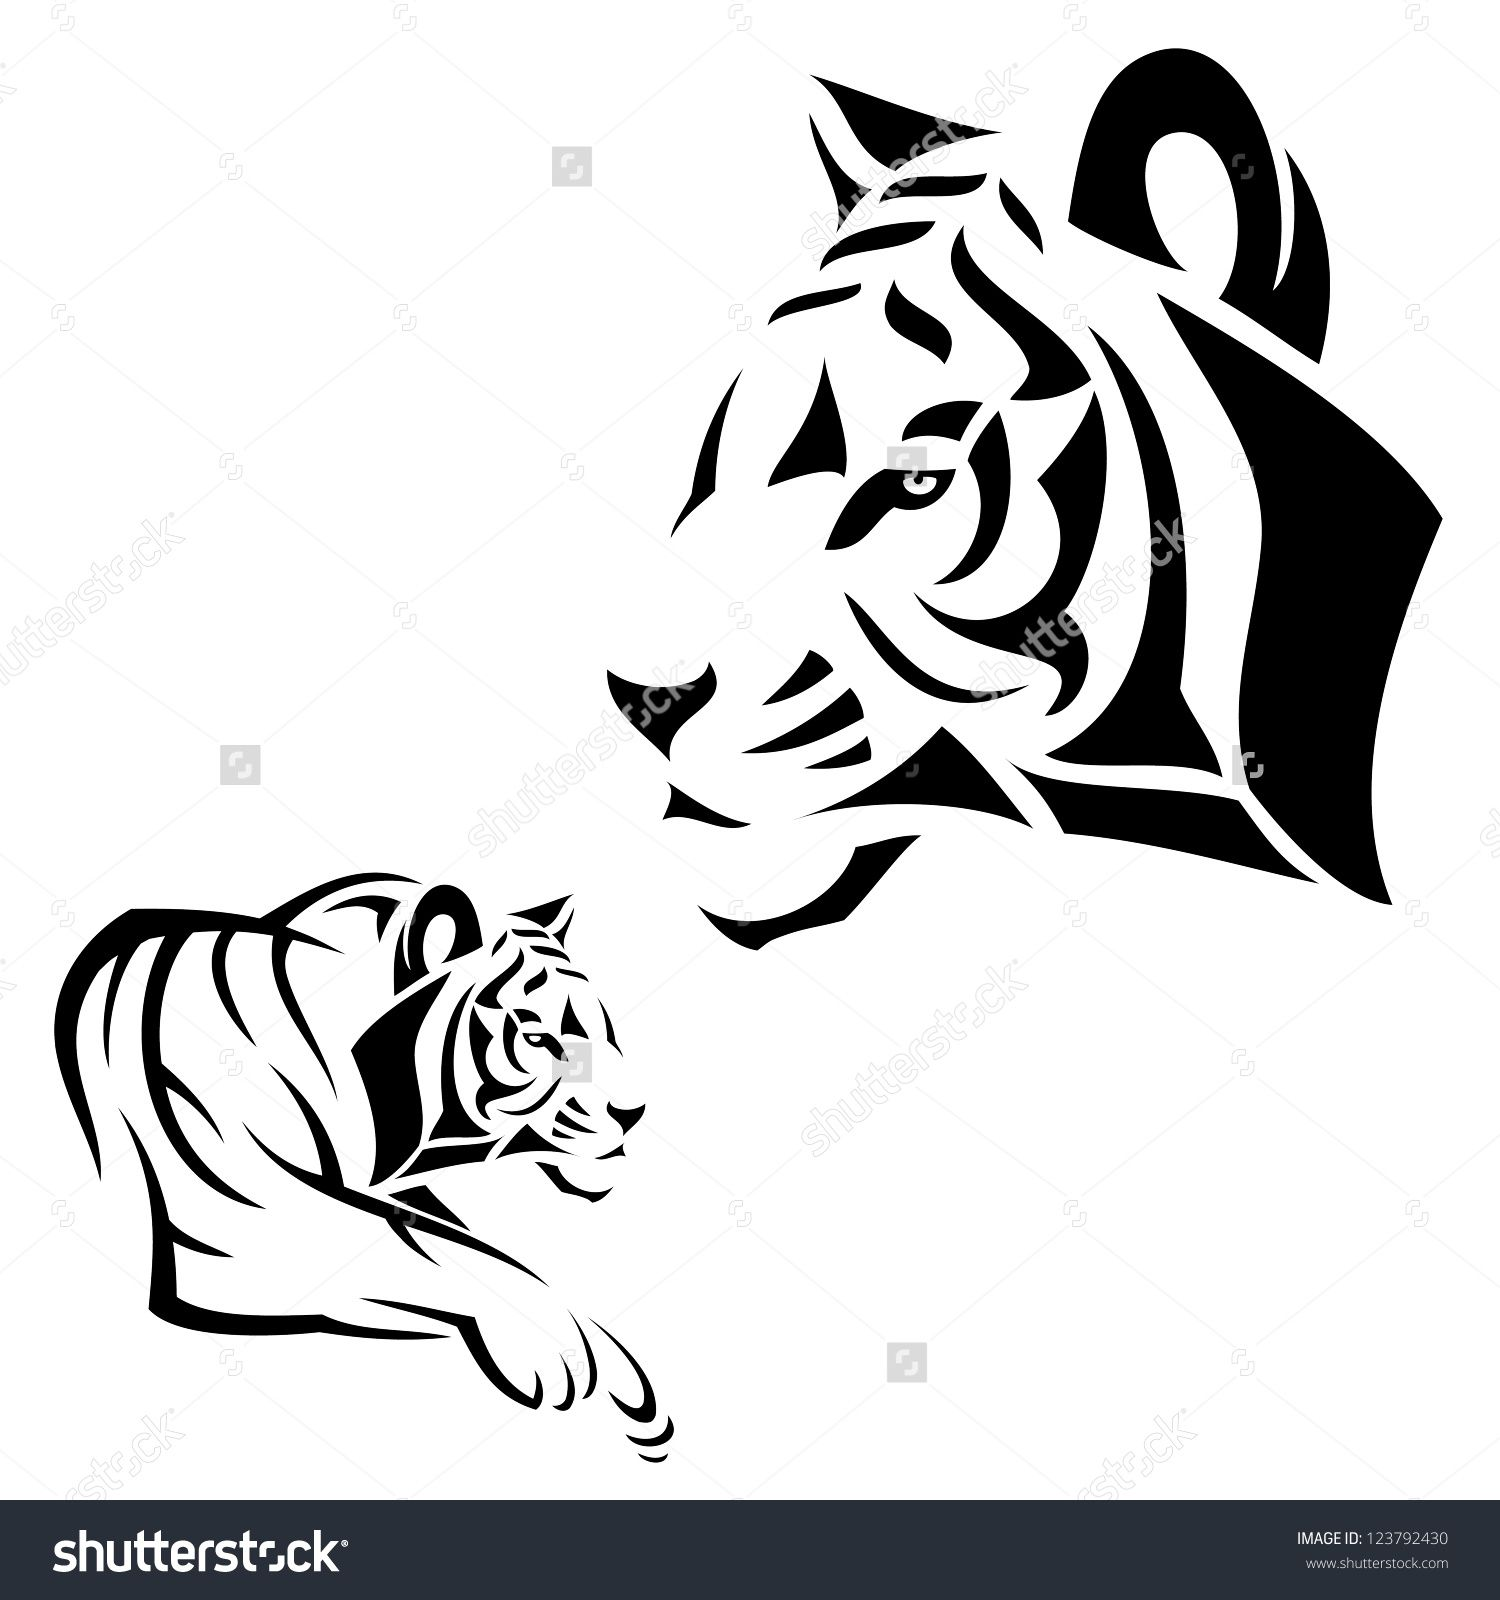 Tiger Outline Tattoo tiger tattoo - vector illustration ...